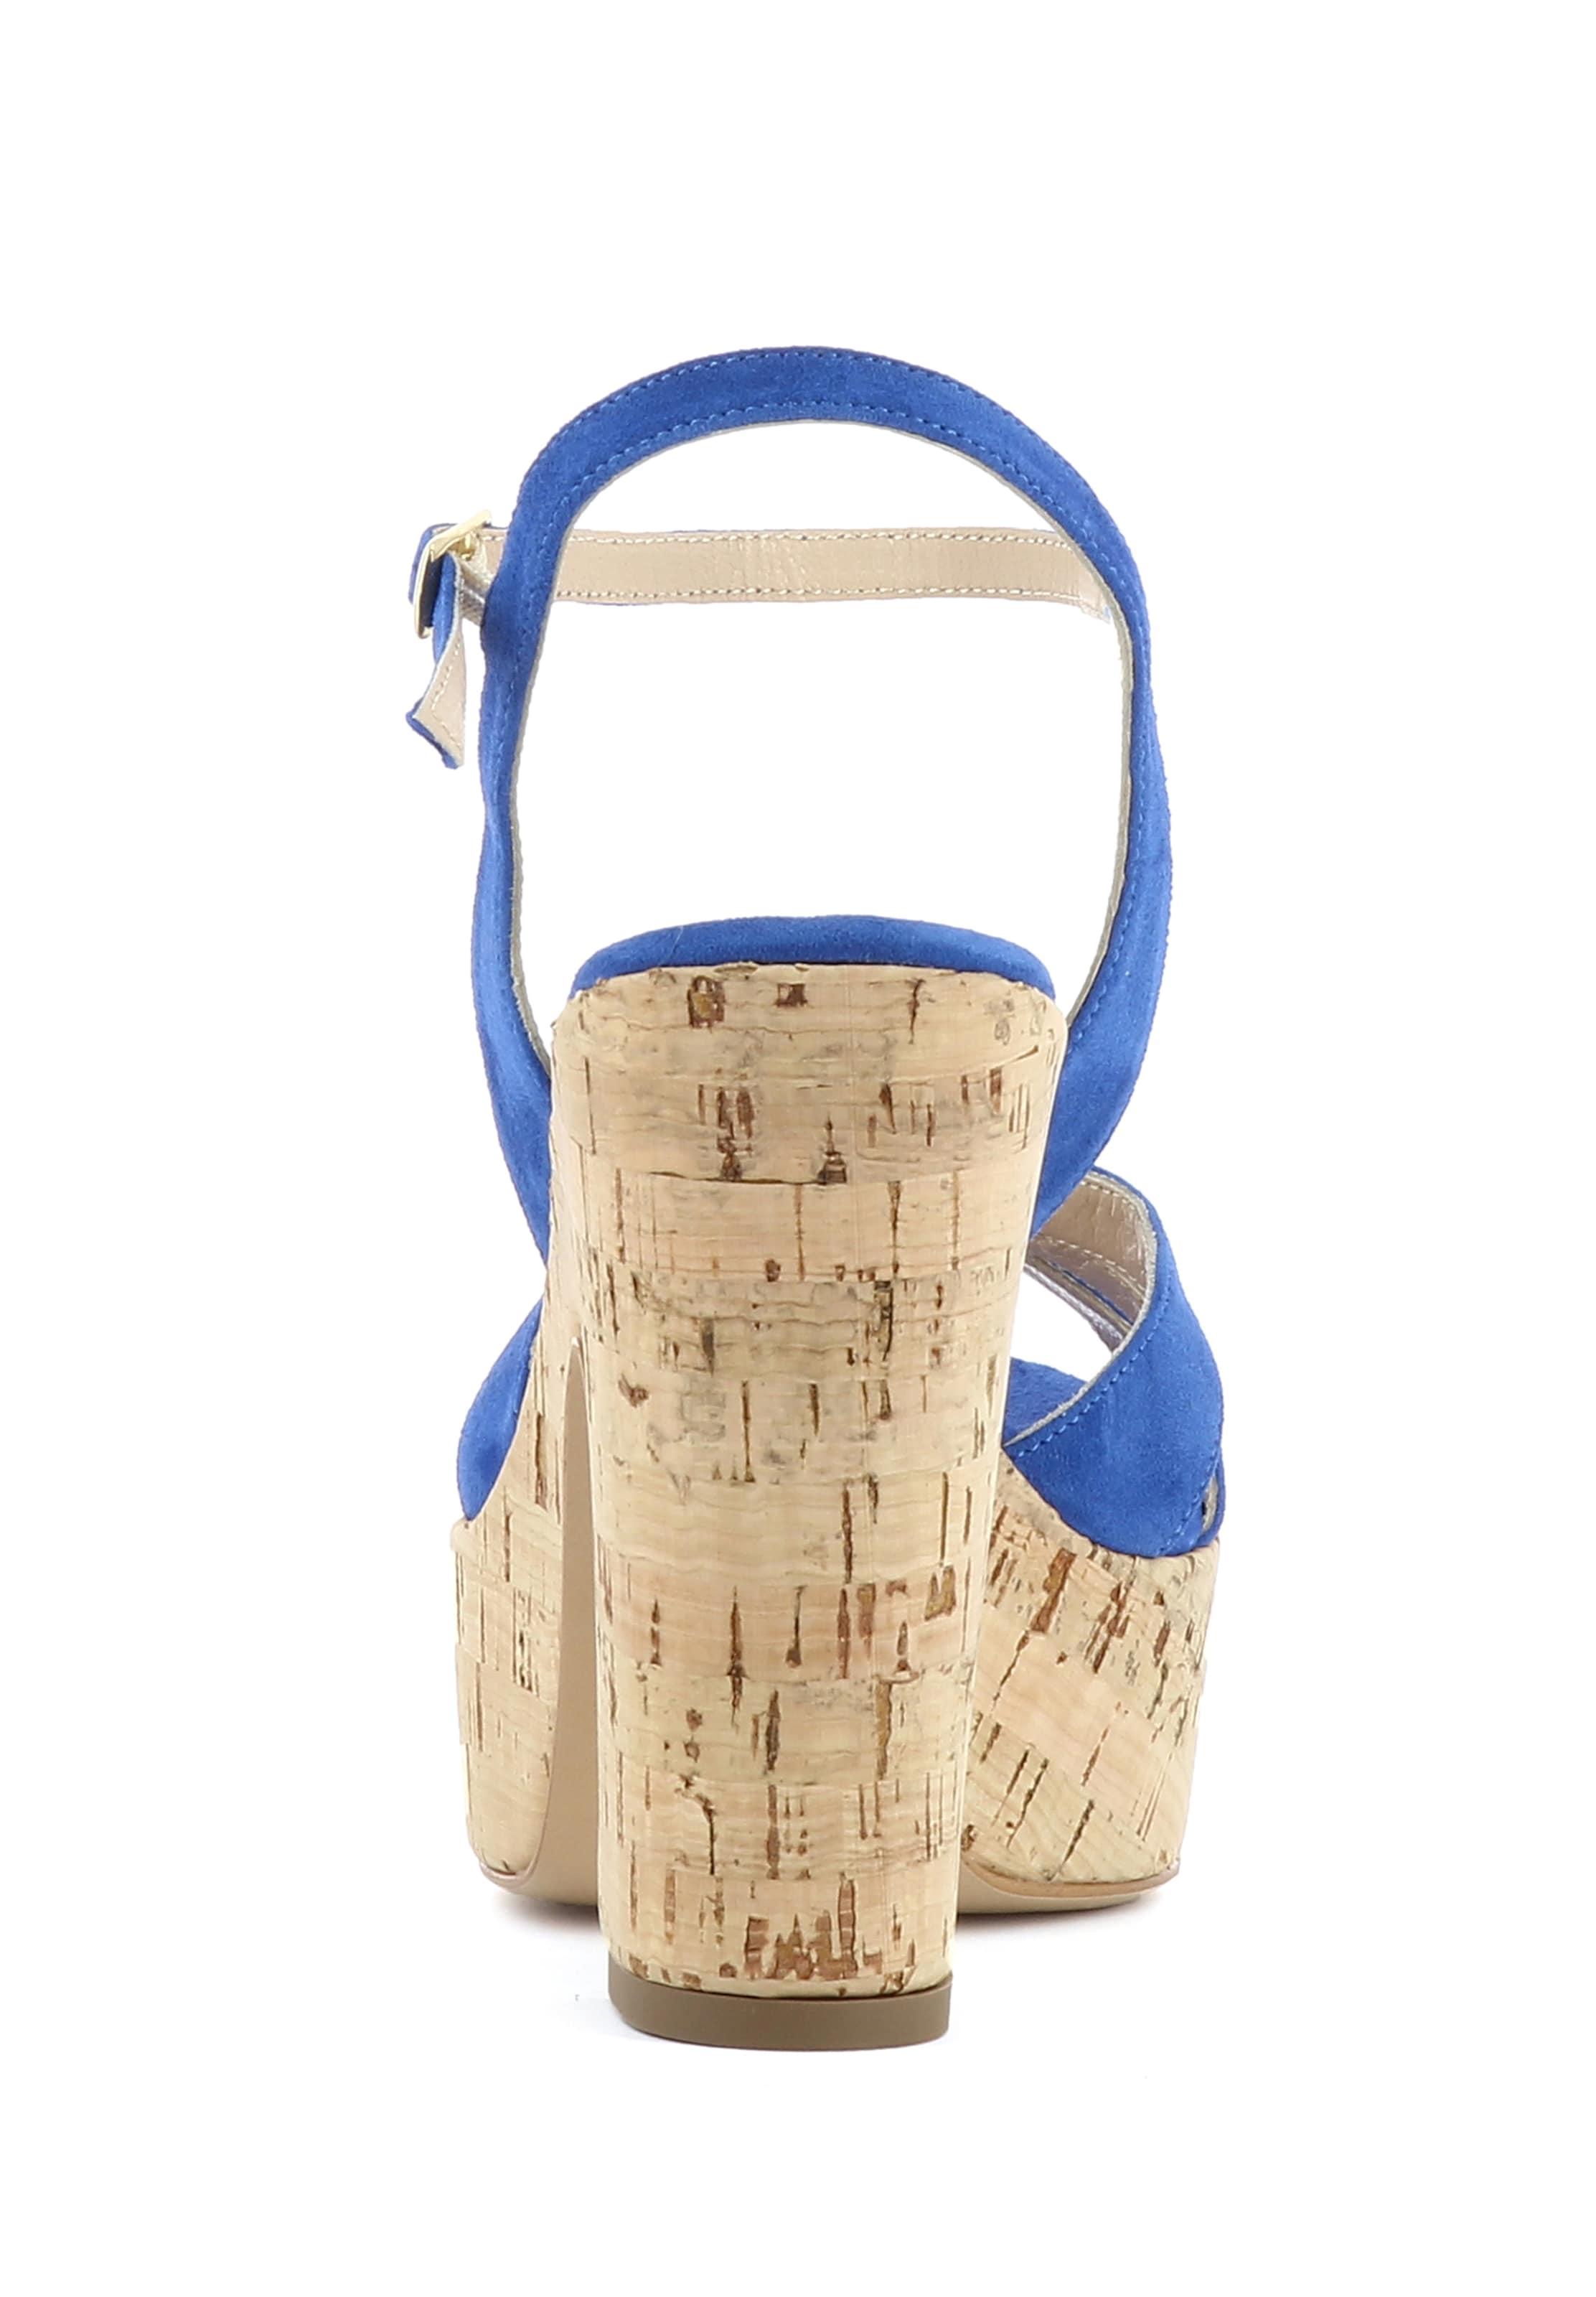 Evita Damen Damen Damen Evita Blau Blau Sandalette In In Sandalette Evita 4L3c5AjqR